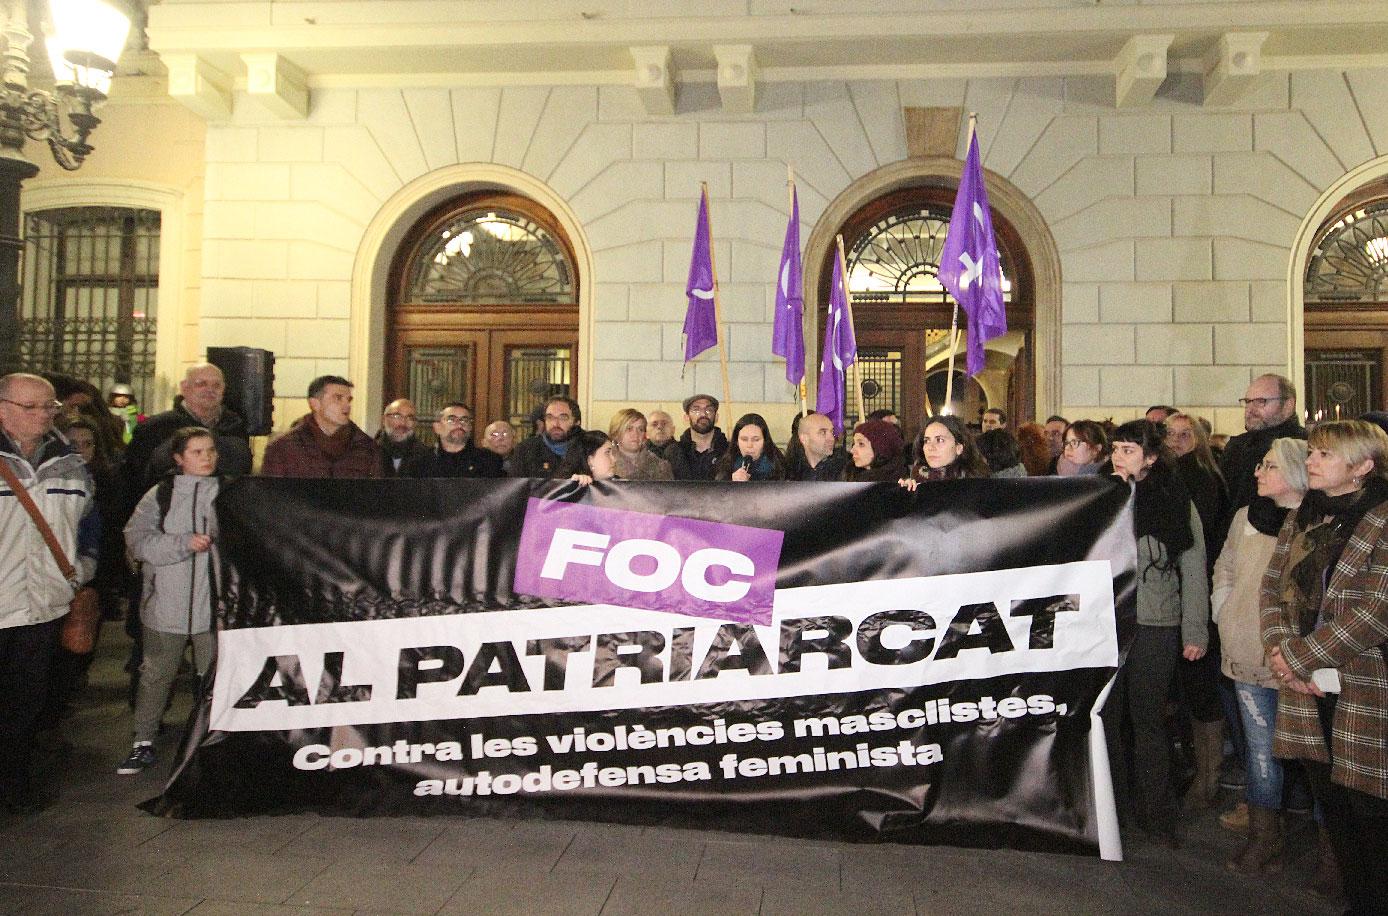 Tras la agresión sexual, el rechazo cívico llena la Plaça Sant Roc (4000 personas) y emociona 2